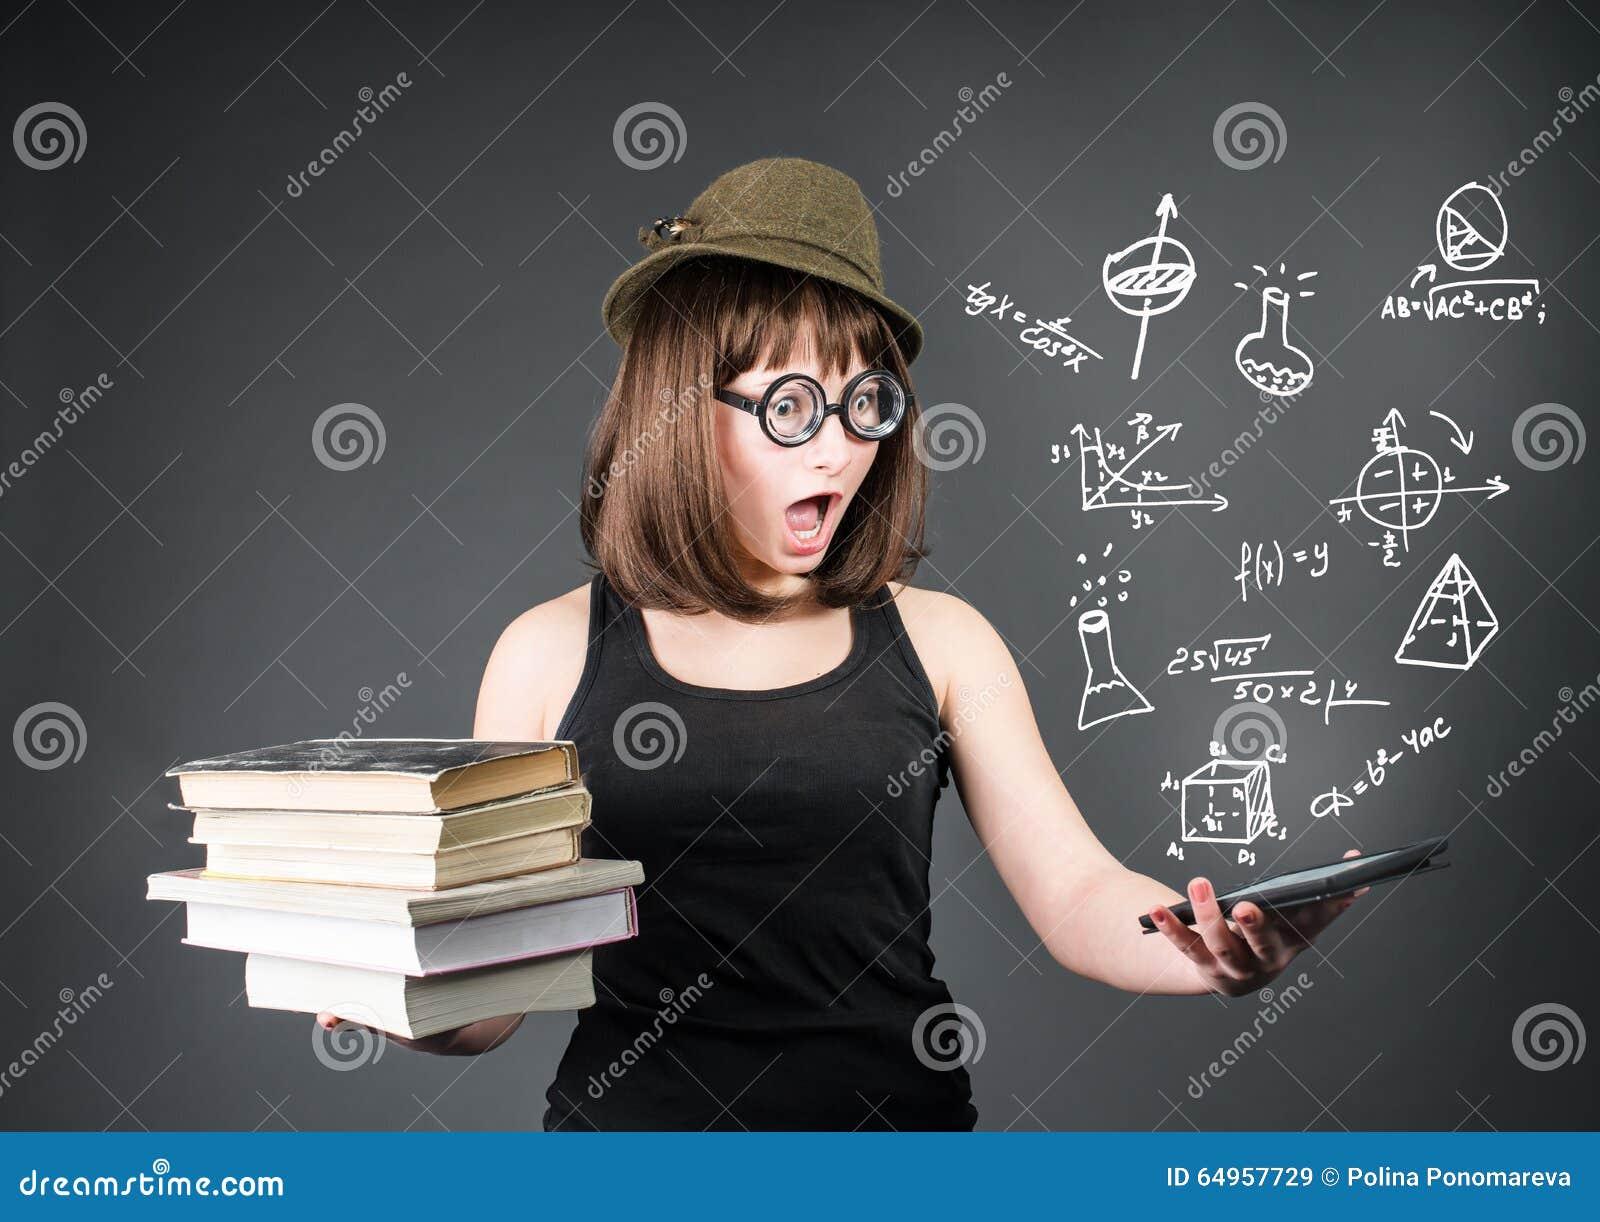 Concetto di tecnologia della scuola di istruzione Studente sorpreso del nerd con i vecchi libri in un mano ed e-lettore in un alt